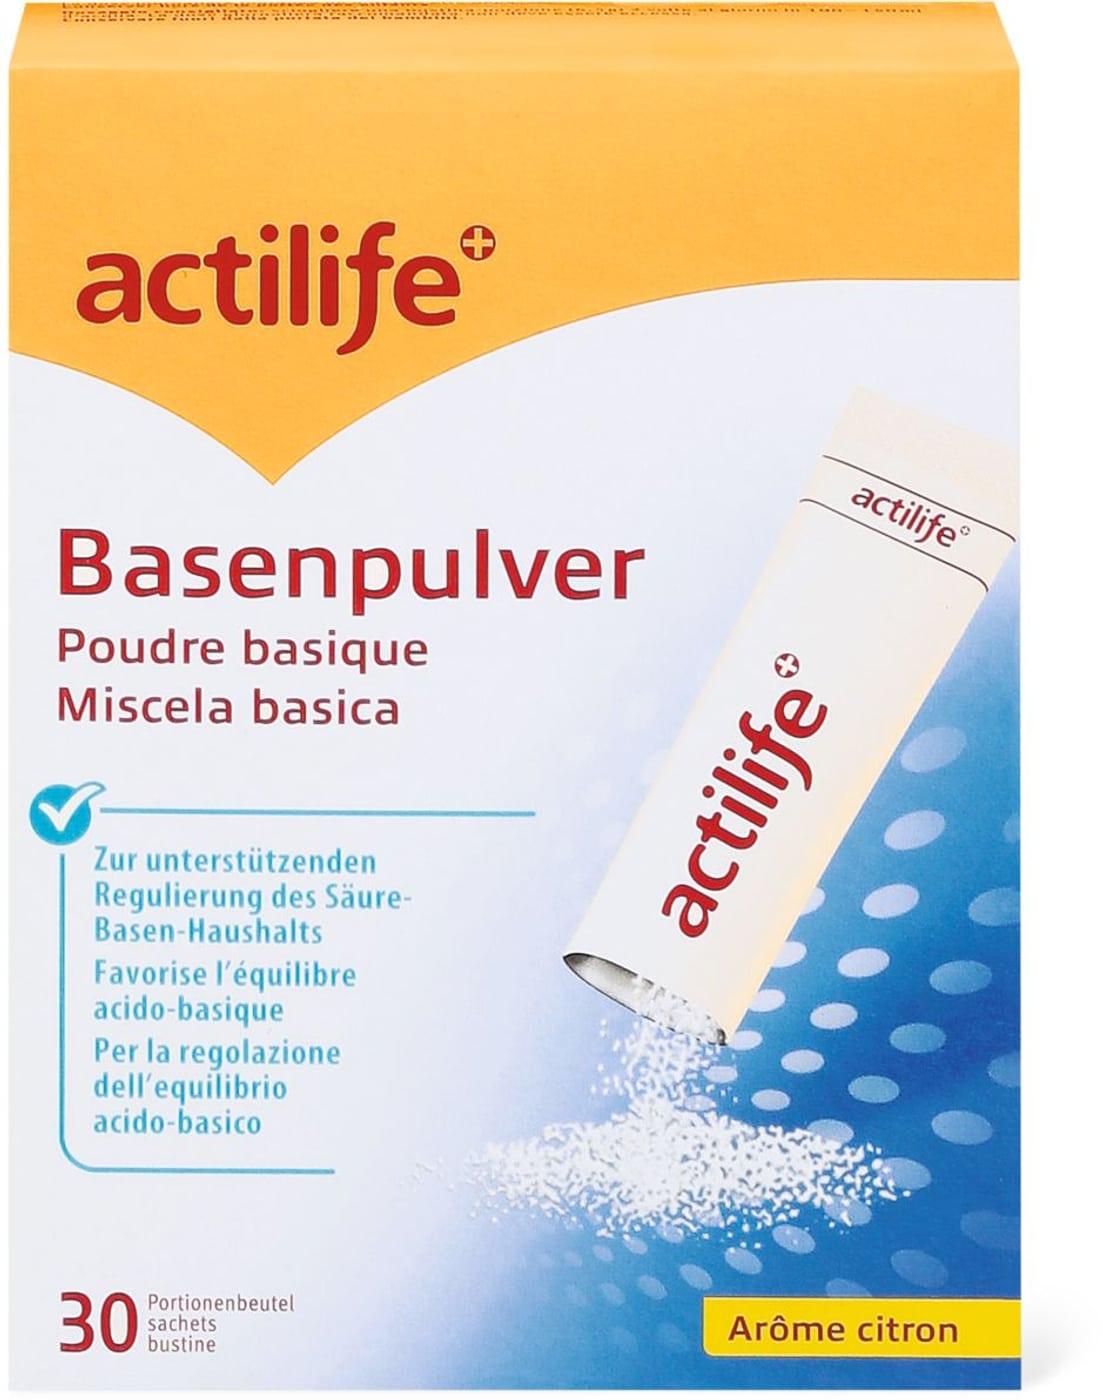 Actilife basenpulver migros for Micasa martigny